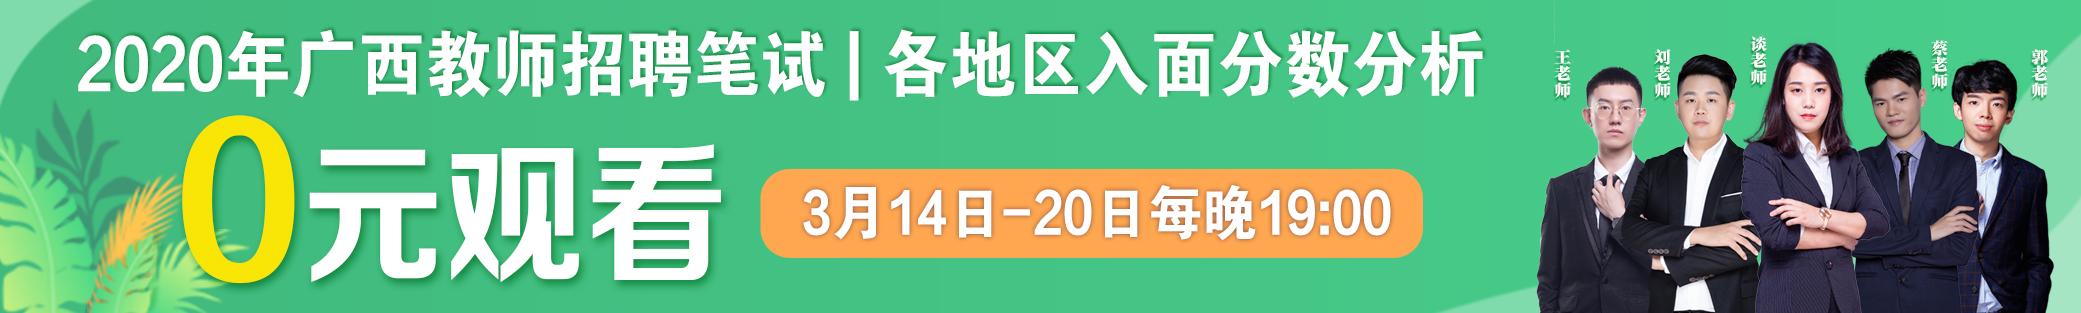 2020广西教师招聘不再统一组织实